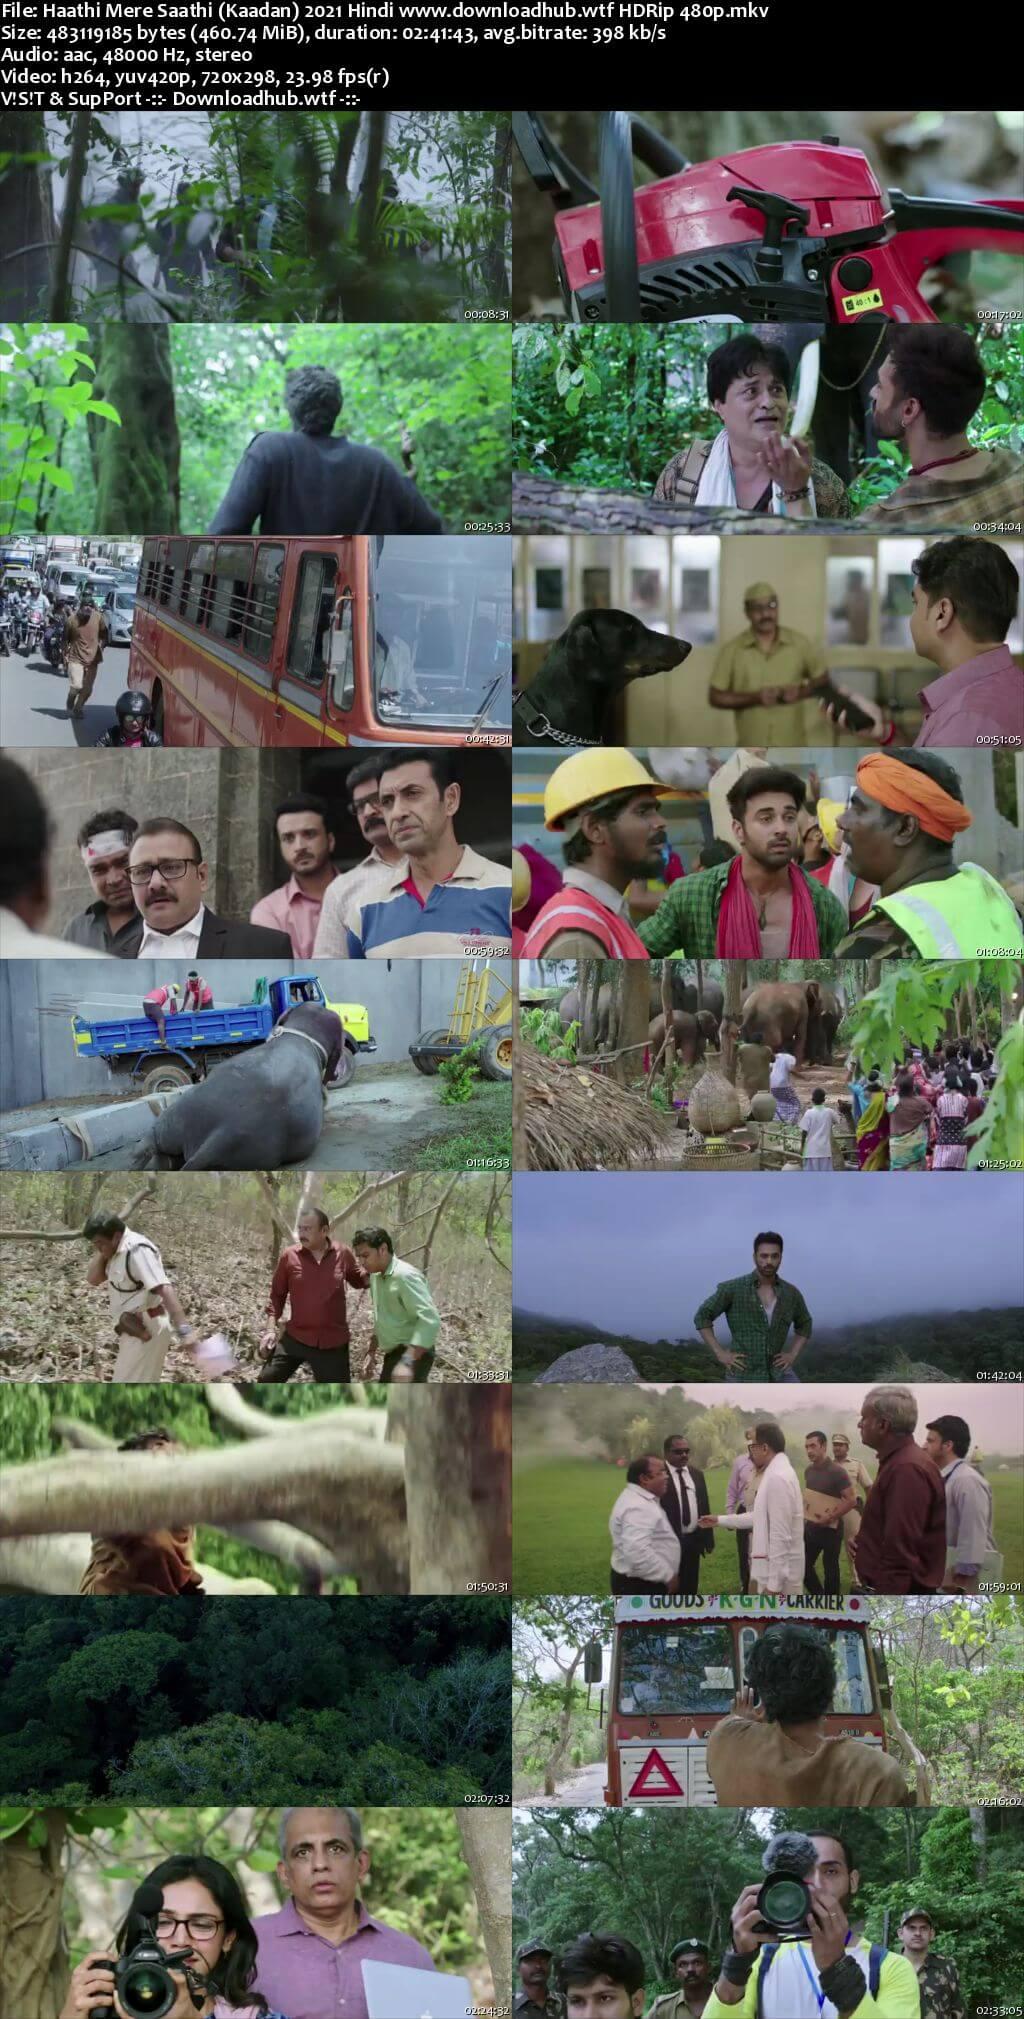 Haathi Mere Saathi (Kaadan) 2021 Hindi 450MB HDRip 480p